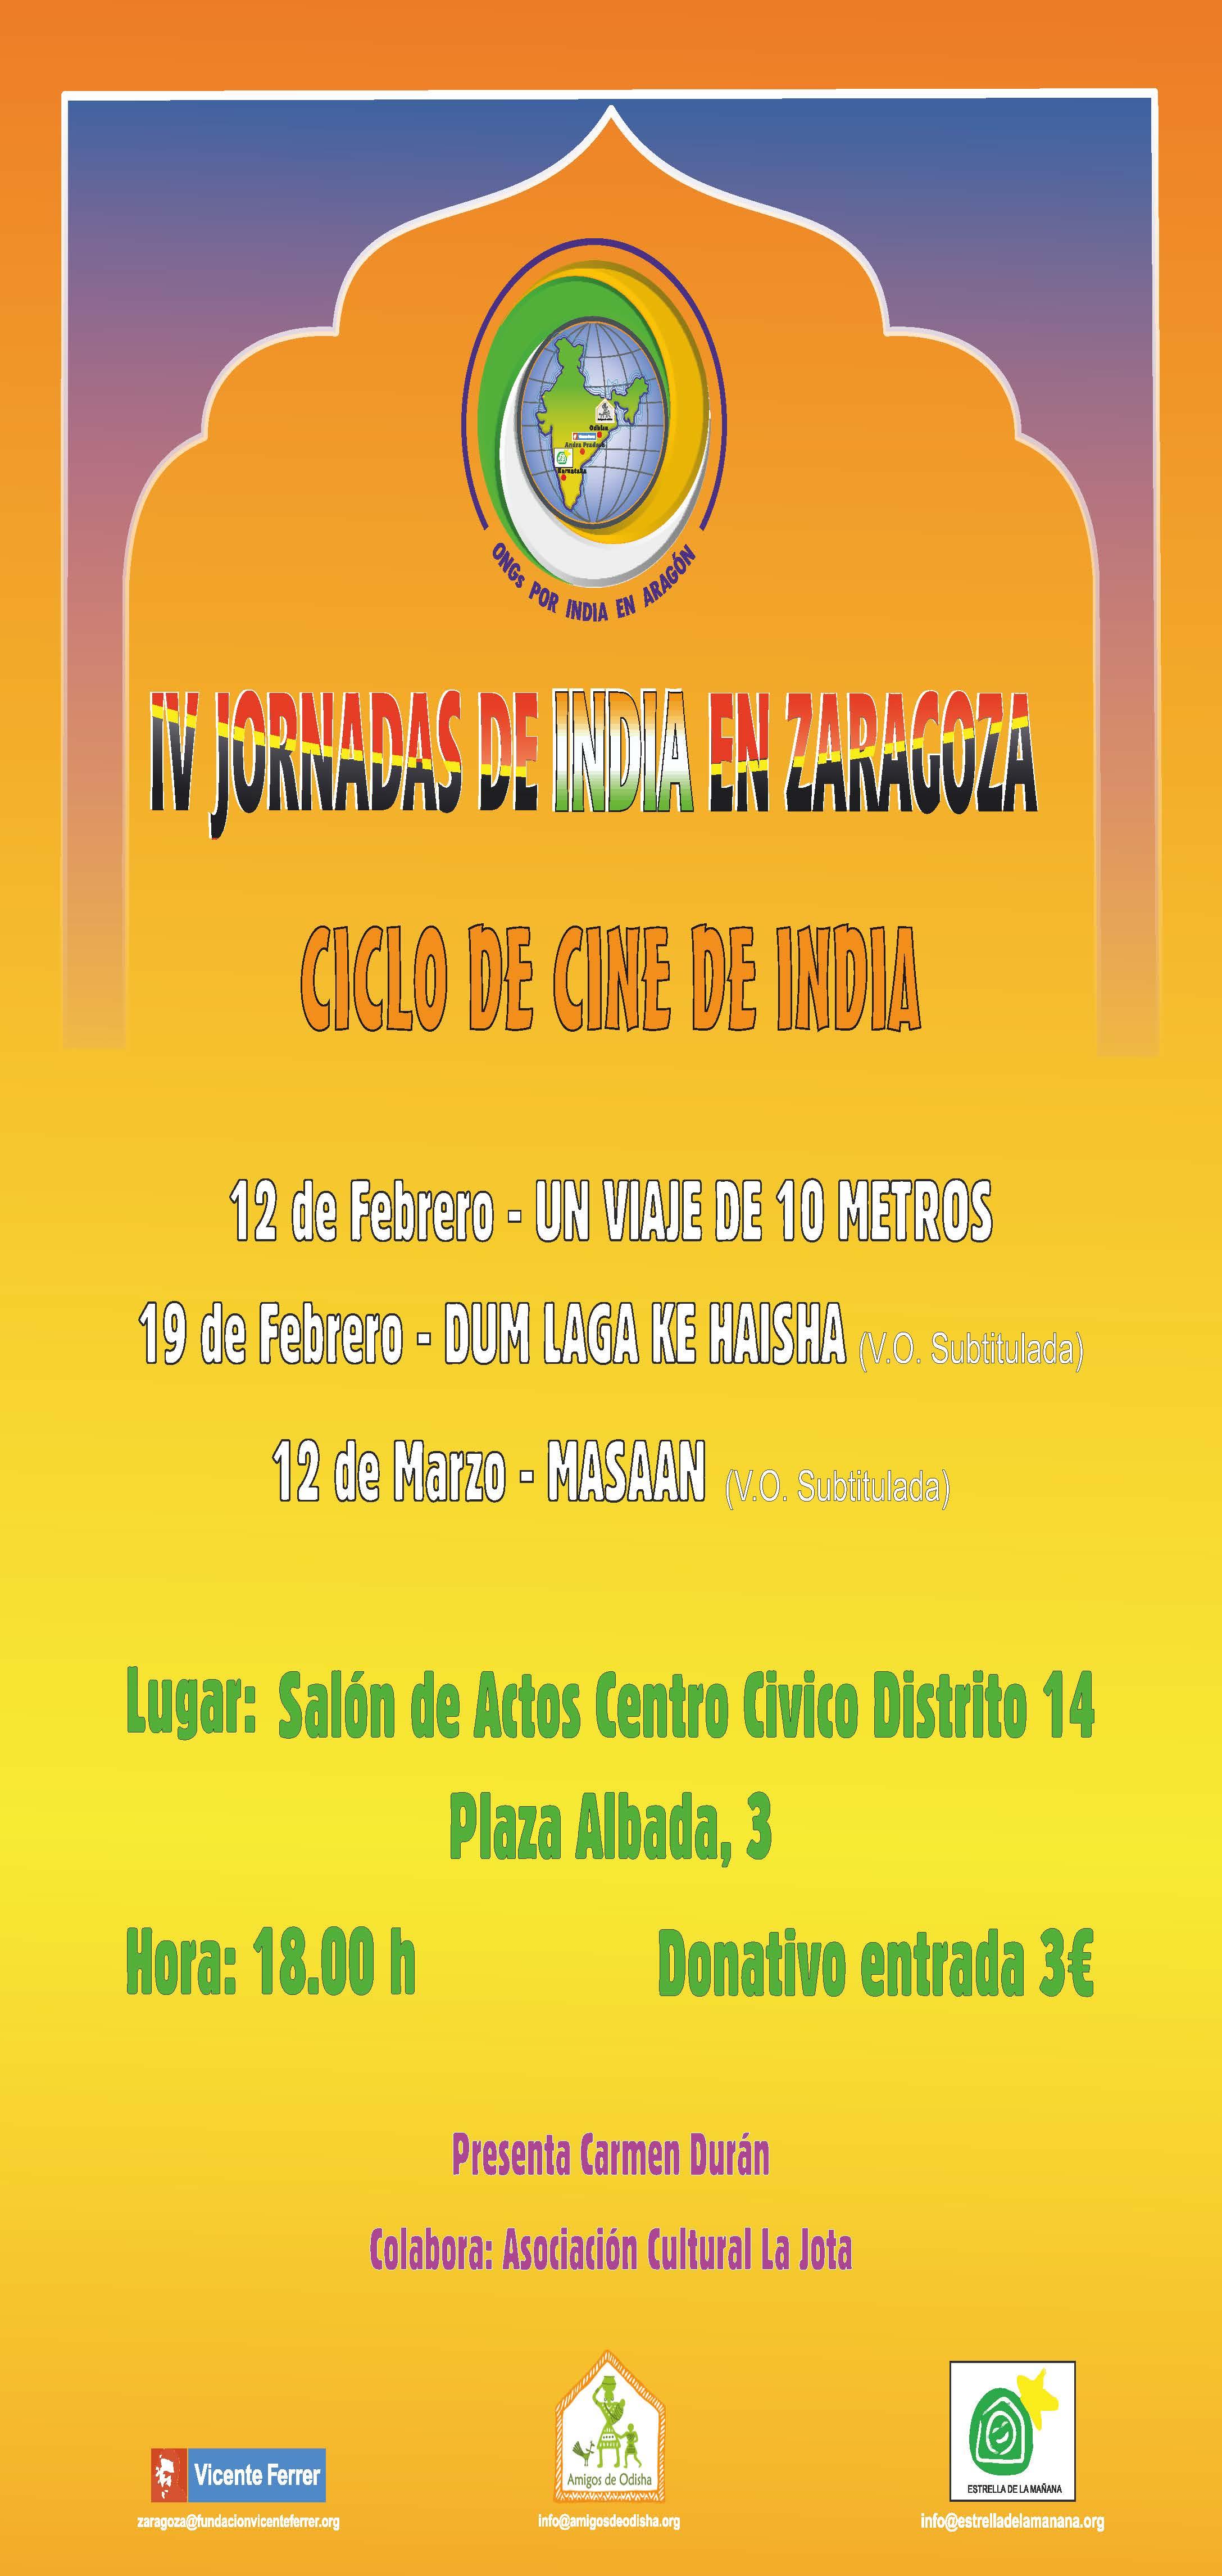 Ciclo de cine de India en Zaragoza